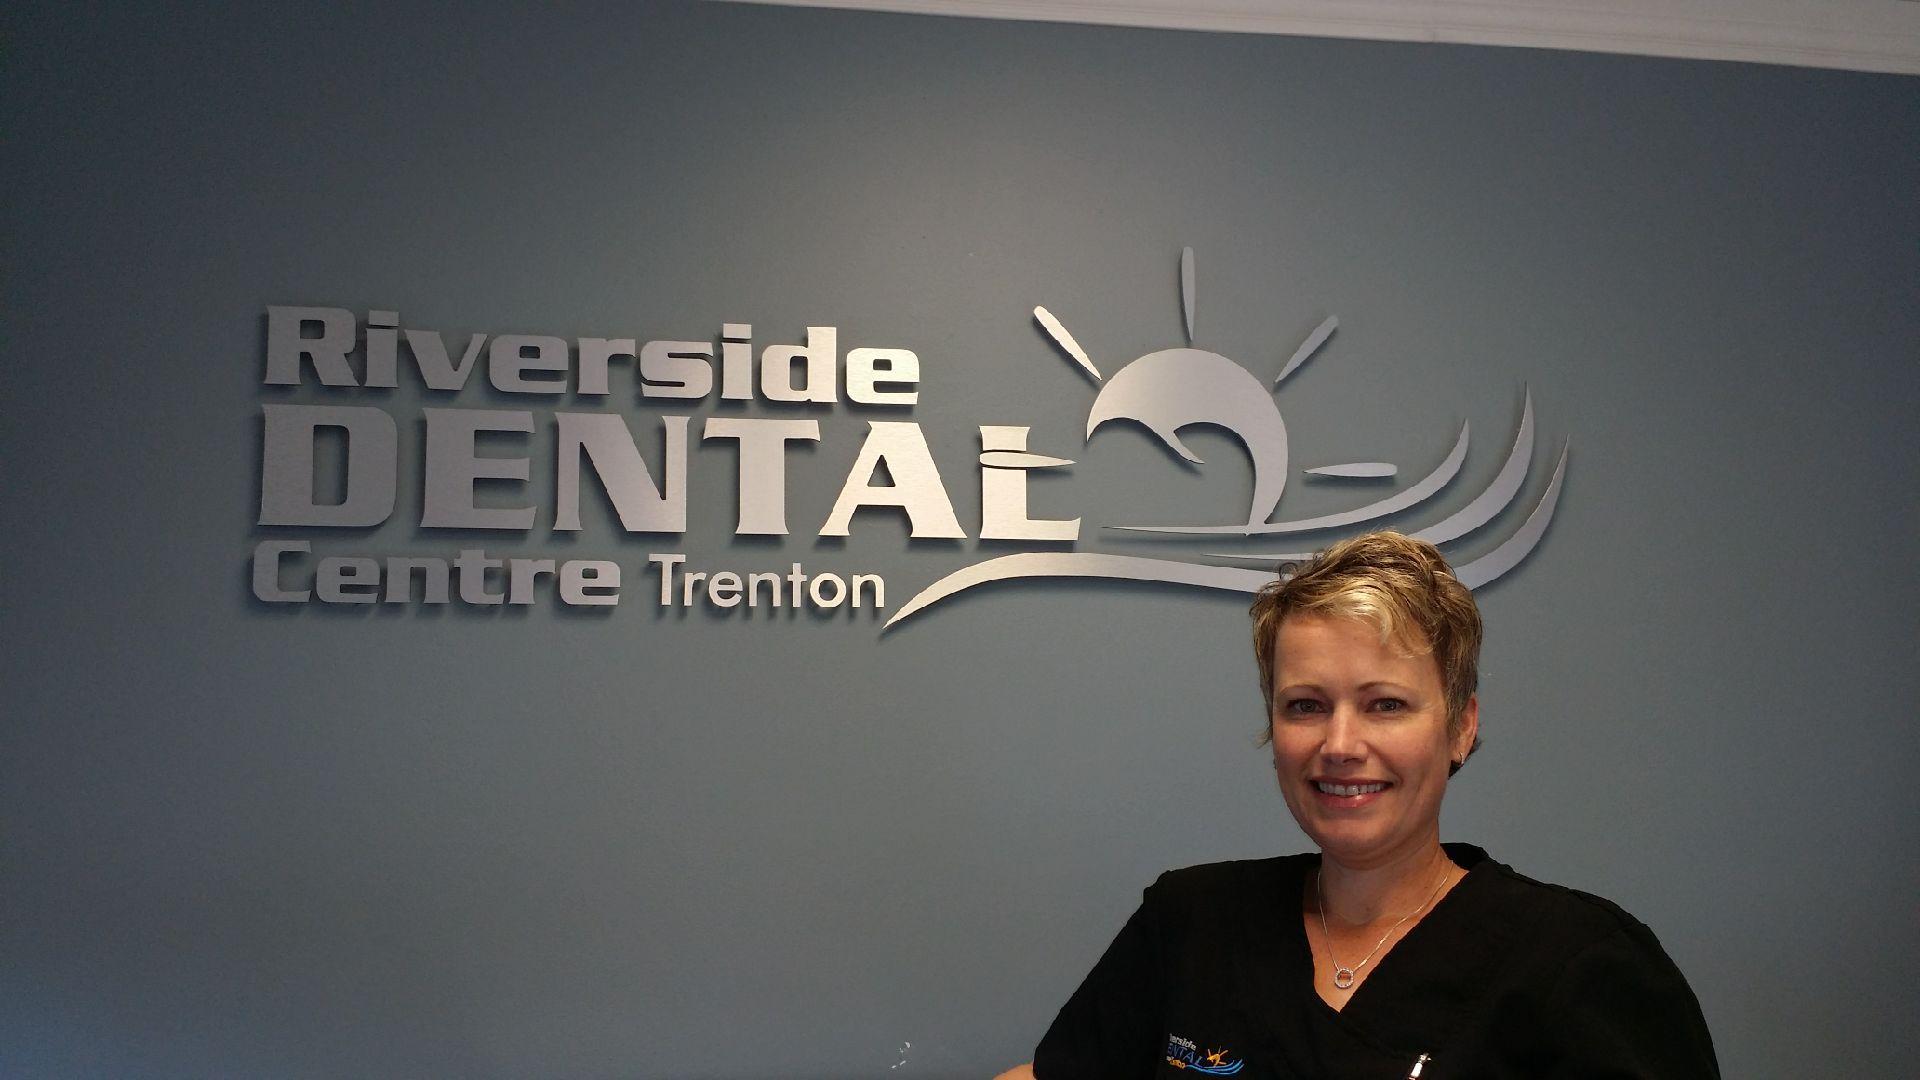 Trenton Dentist Team  - Jackie